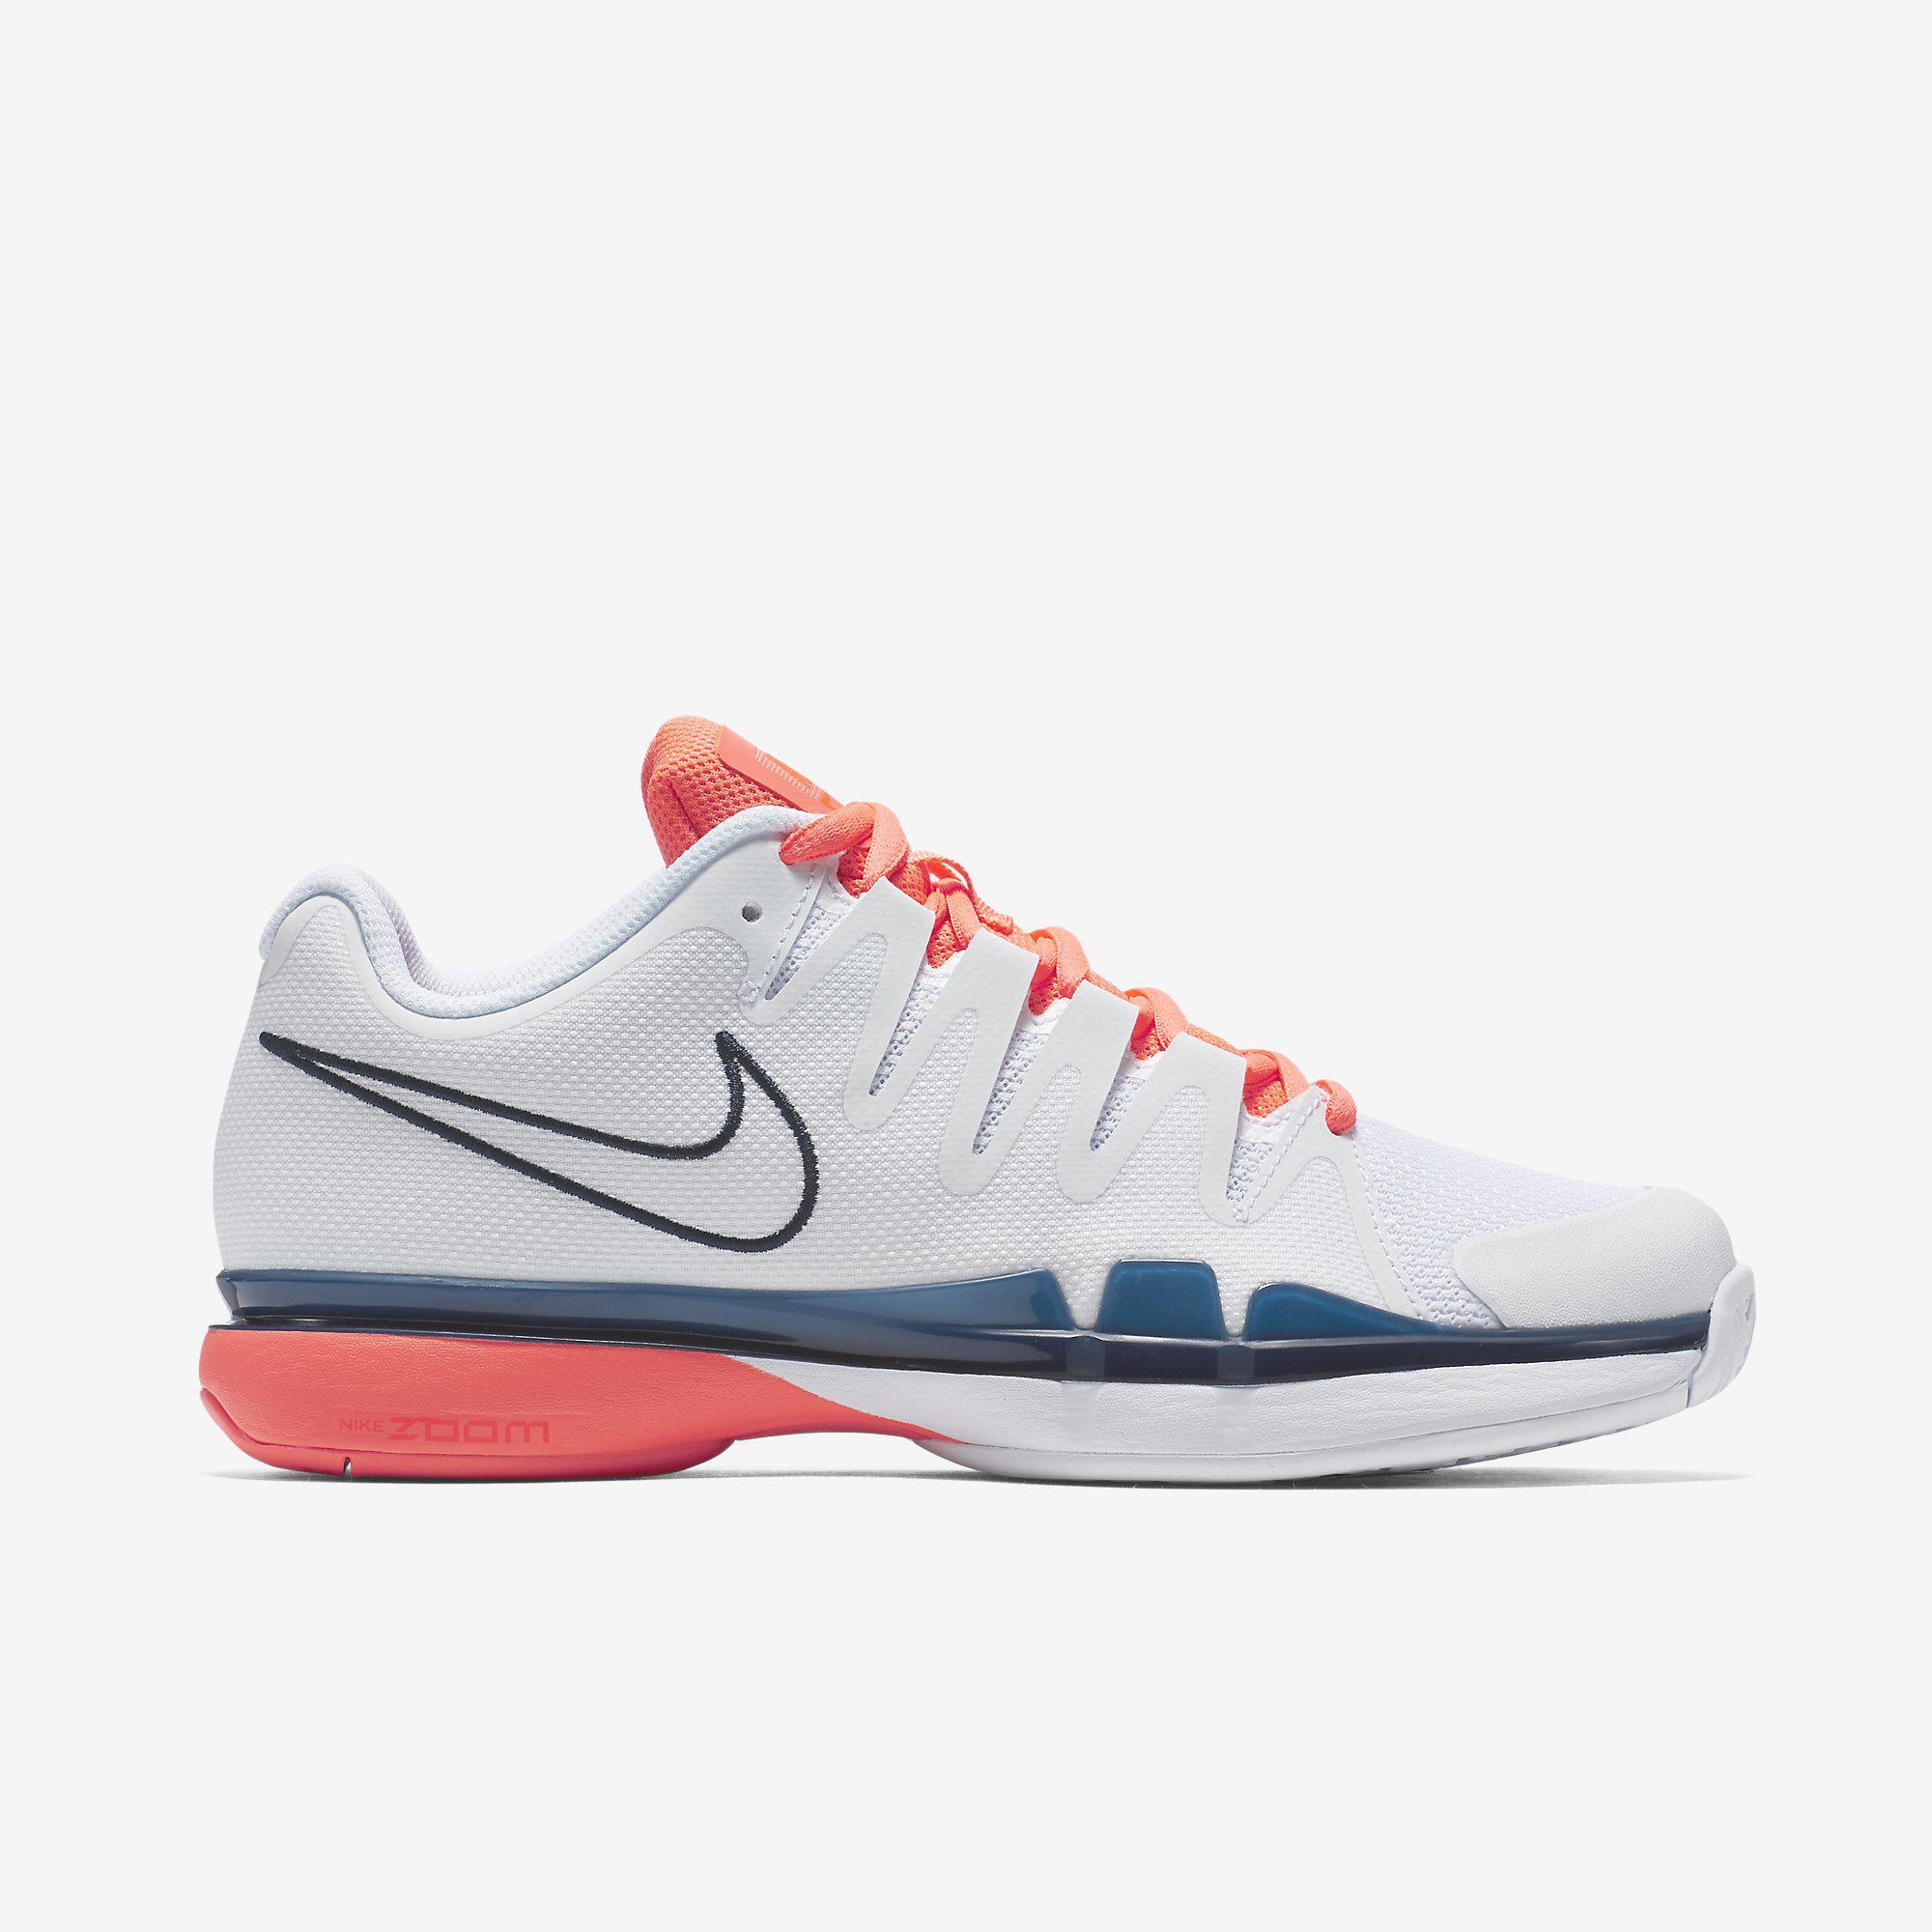 Girl Nike Tennis Shoes